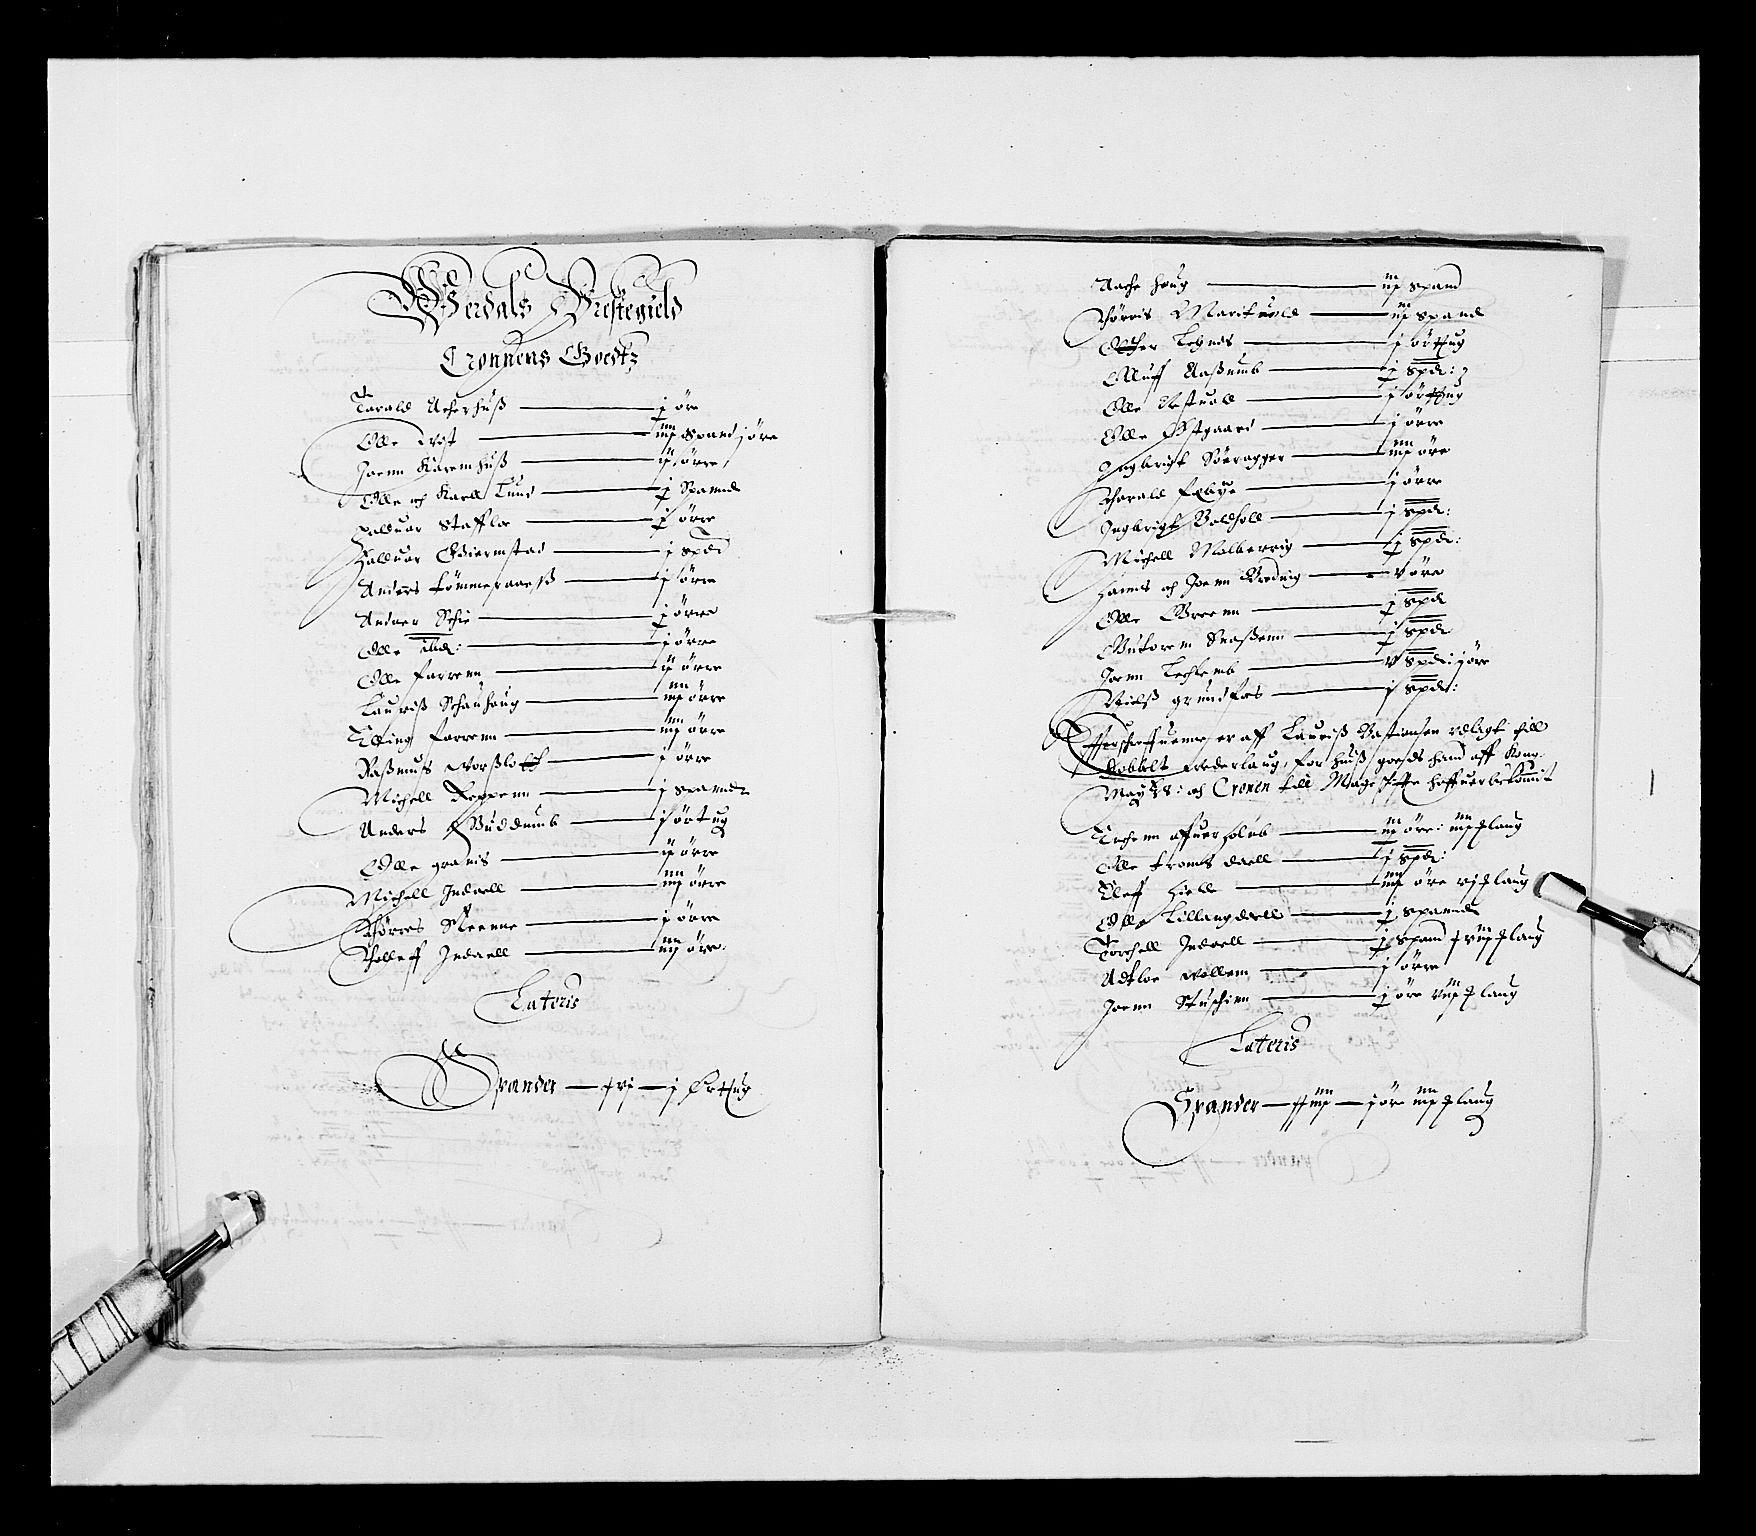 RA, Stattholderembetet 1572-1771, Ek/L0028: Jordebøker 1633-1658:, 1645-1646, s. 155